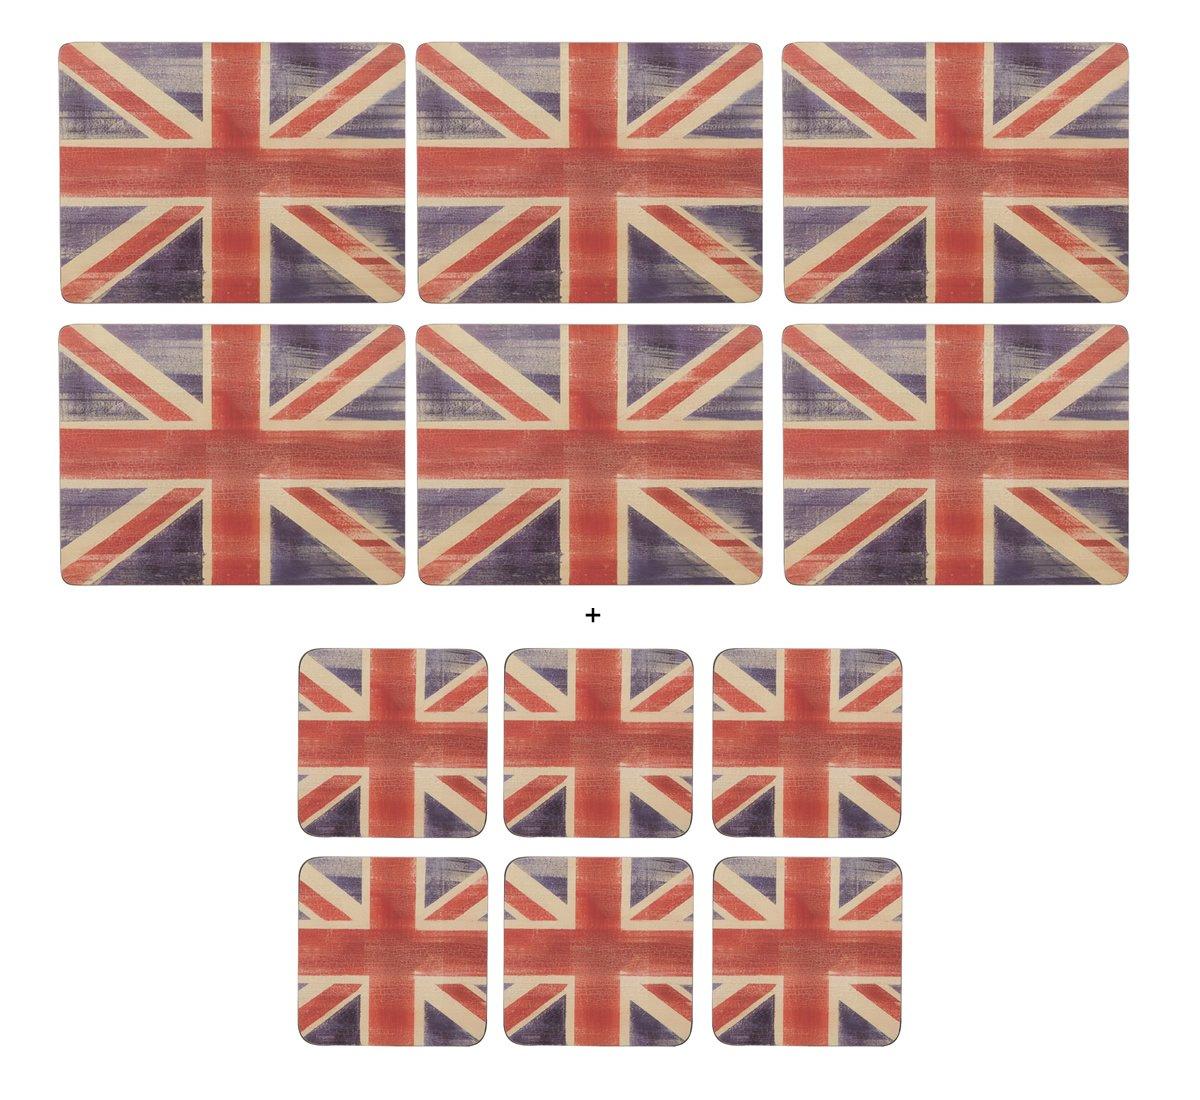 Pimpernel - Union Jack, 6 Placemats + 6 Coasters